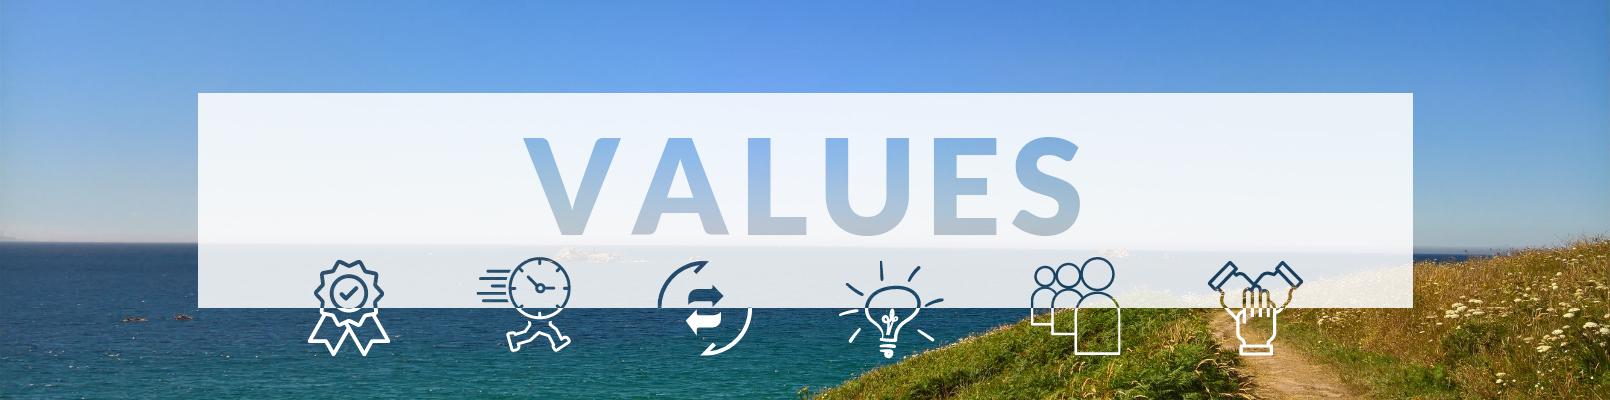 values-company-english